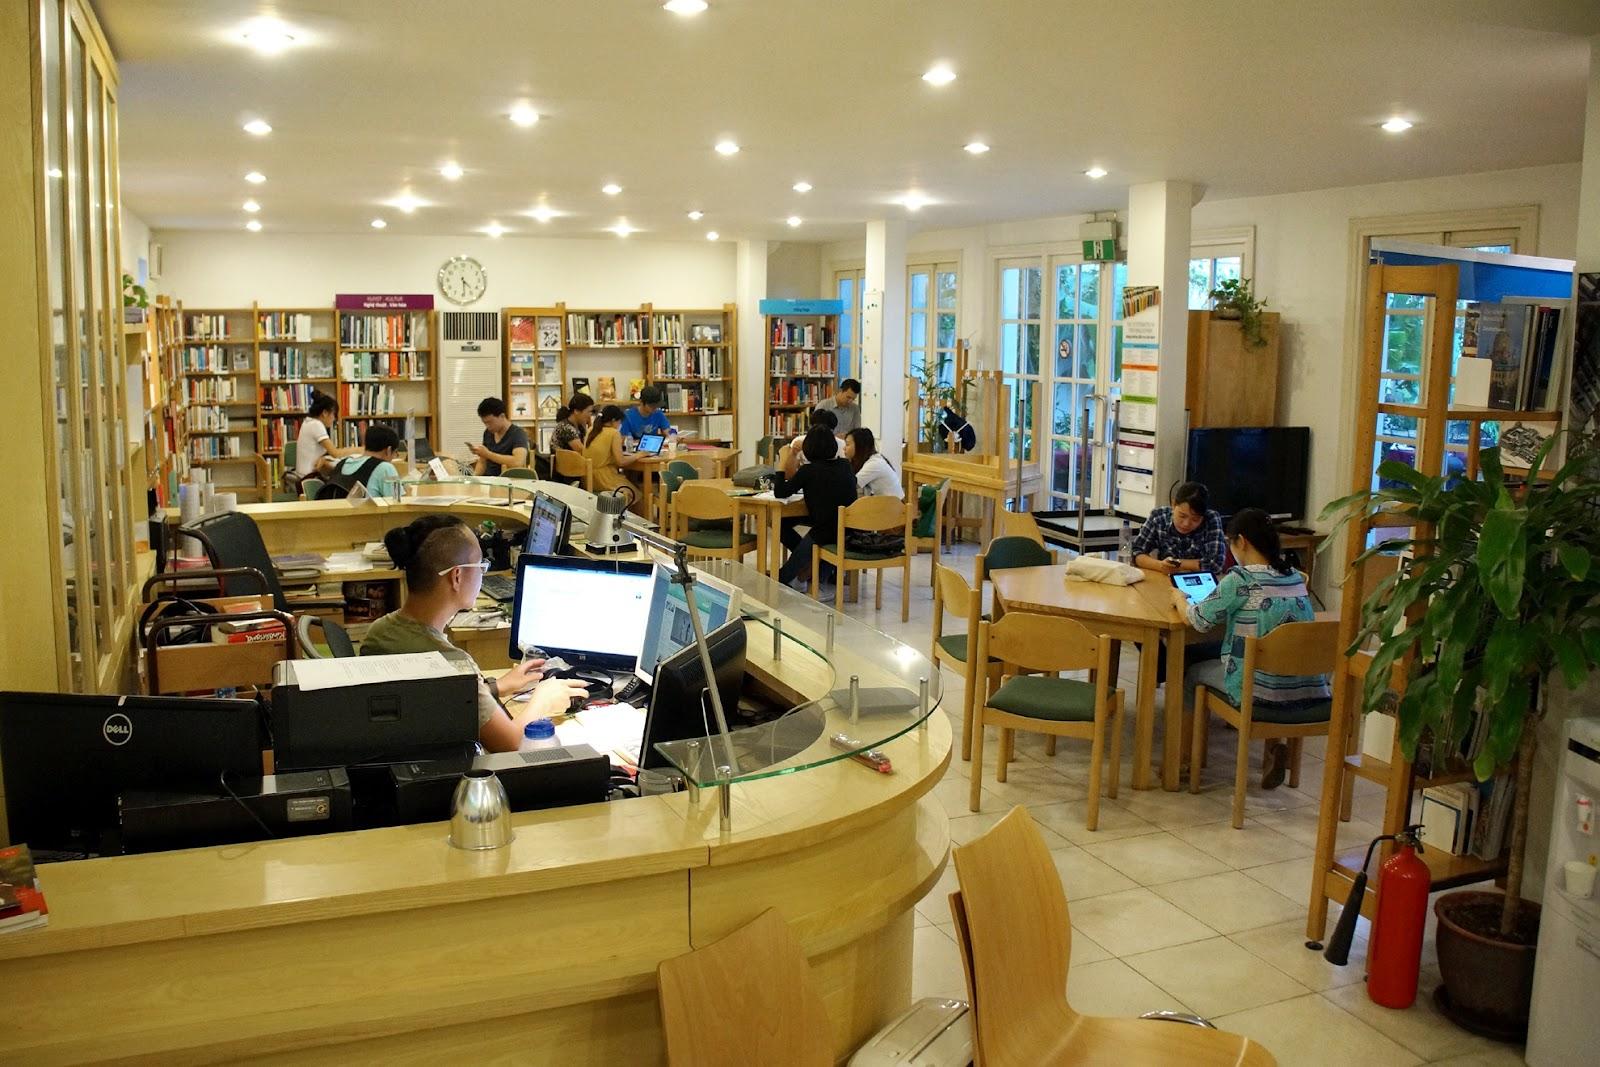 Thư viện Viện Goethe Hà Nội - Trung tâm tiếng Đức tại Hà Nội uy tín